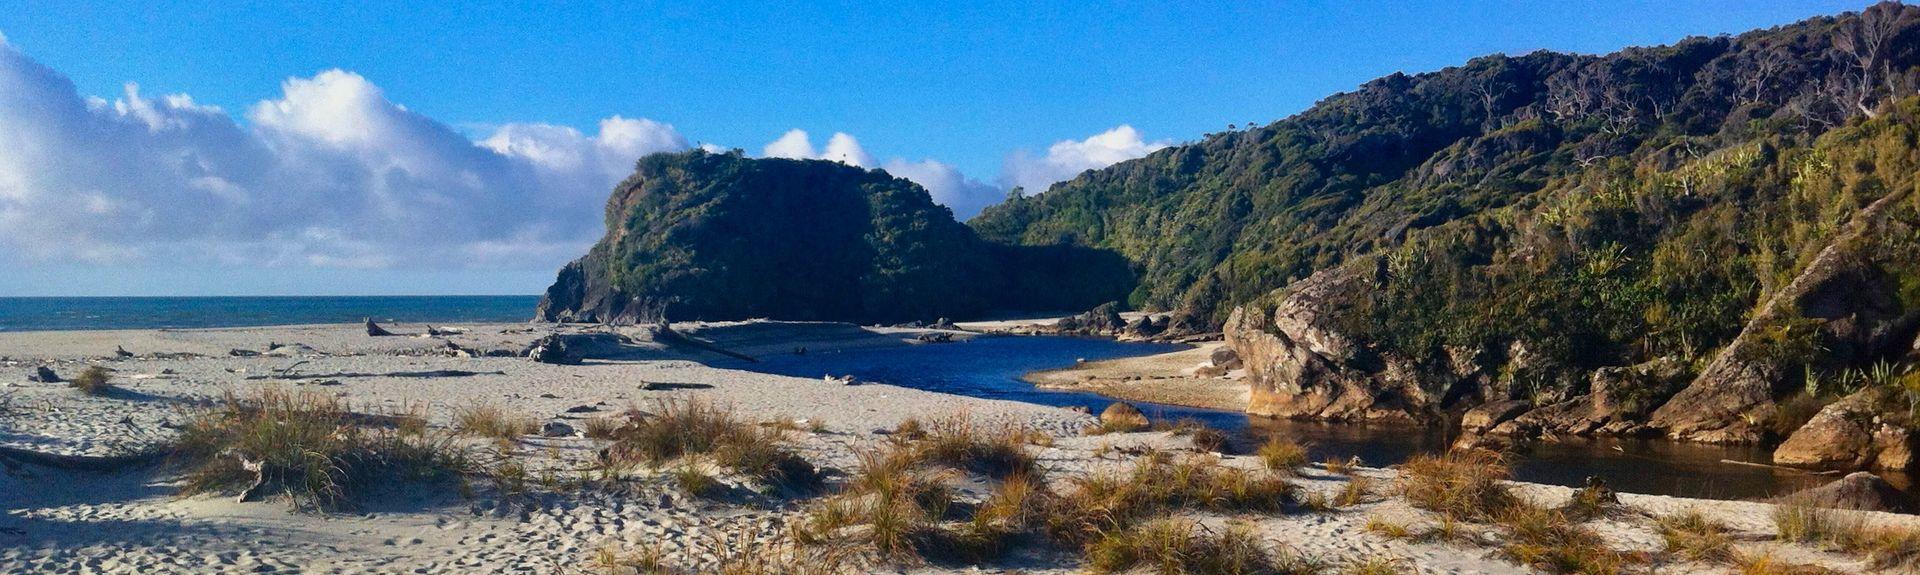 Hokitika, West Coast, New Zealand